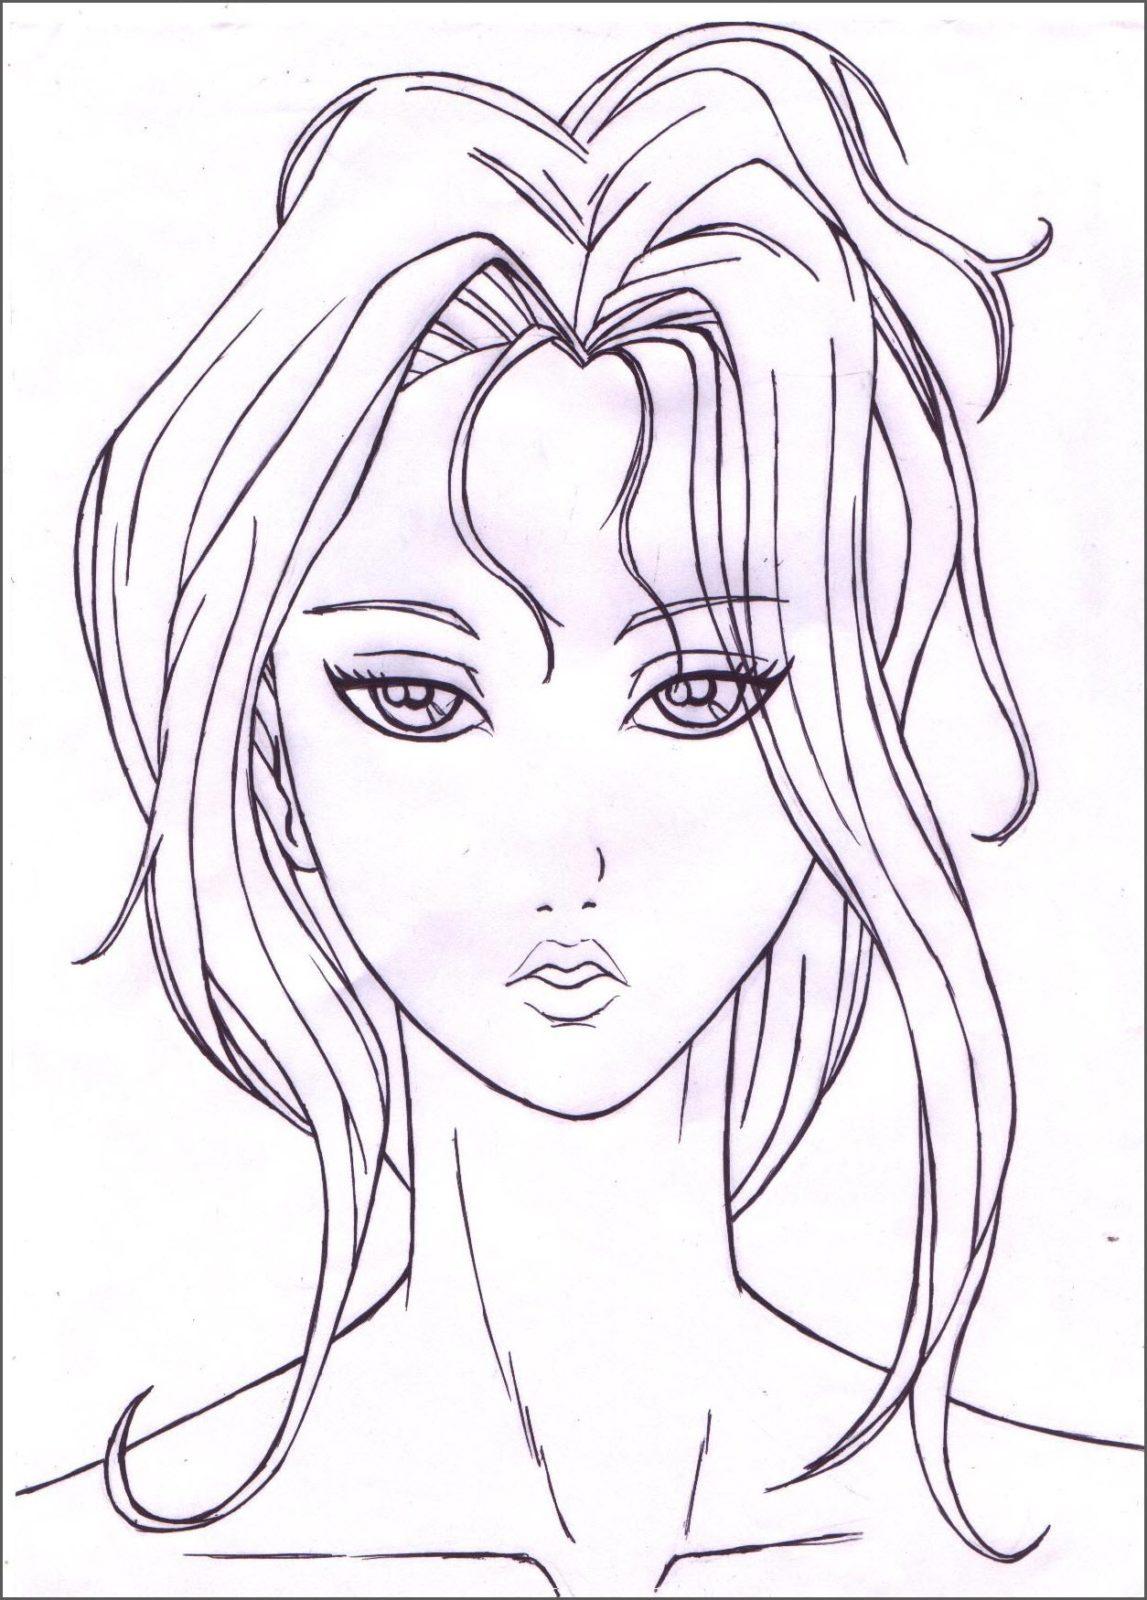 портрет девушки для срисовки